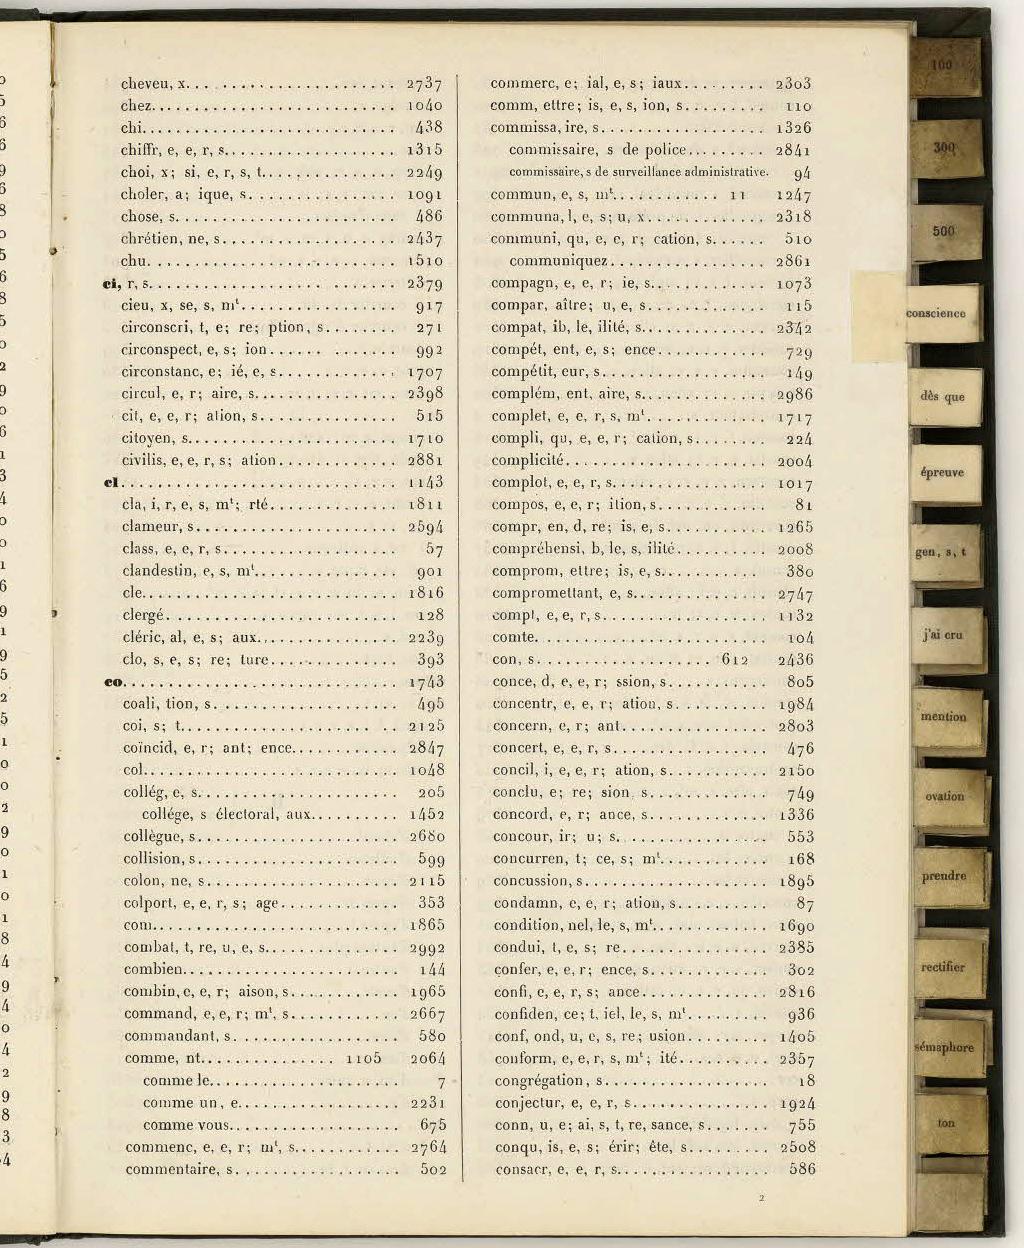 File Table De Chiffrement De La Guerre Franco Prussienne De 1870